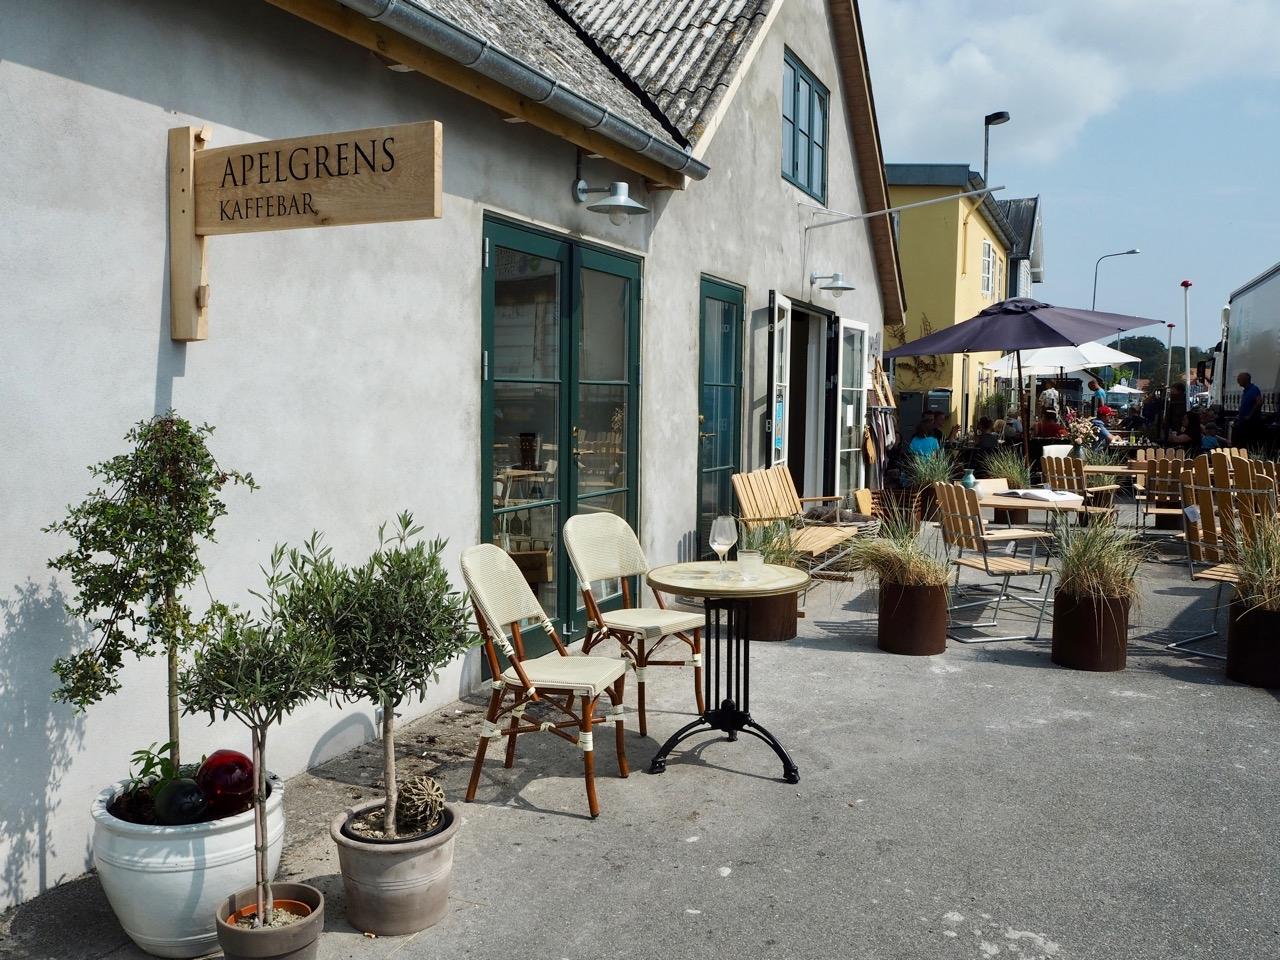 Apelgren_jordt_coffee_ebeltoft